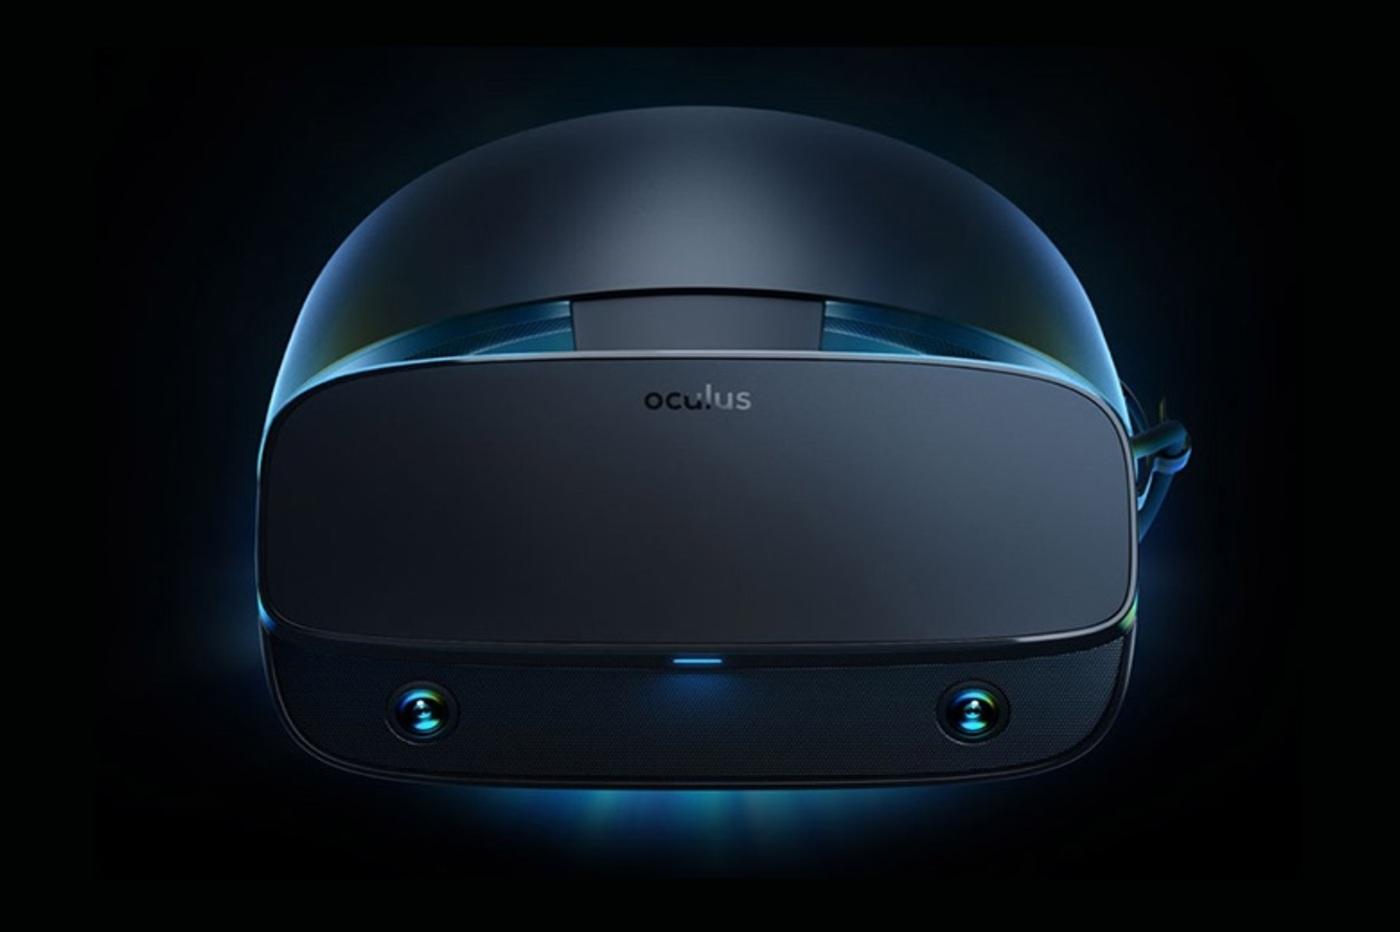 GDC | Oculus Rift S : un nouveau casque de VR à 399 dollars